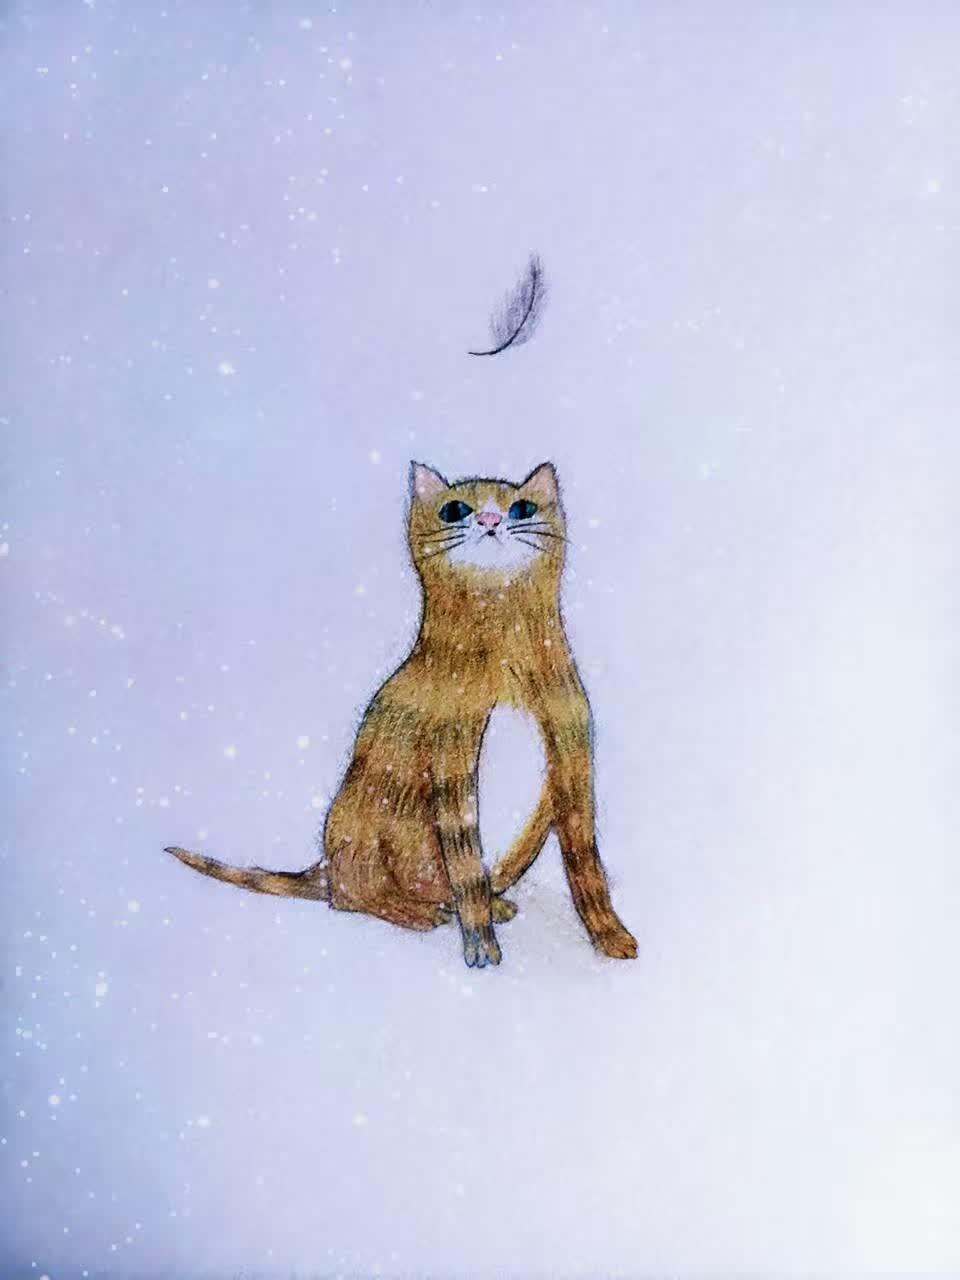 神笔马良的故事你一定不陌生吧?然而,当有一天,这个故事变成了现实       一、初见    喵呜    我正斜躺在床上,捧着我心爱的画作发呆,忽然,一声轻柔的叫声把我惊醒。我循声望 去,只见床边蹲坐着一只可爱的小花猫,浑身鹅黄色的绒毛,脸上和尾巴上还有着棕色的花纹,简直跟我画上的一模一样!    我吃惊地张大了嘴巴,下意识地瞥了眼手中的画。咦?画上的猫咪怎么不见了?难道我又把目光转向眼前这只小花猫,上上下下、仔仔细细地打量着它。它也瞪着它那双黑亮黑亮、黑珍珠般的眼睛,一脸乖巧地望着我,那